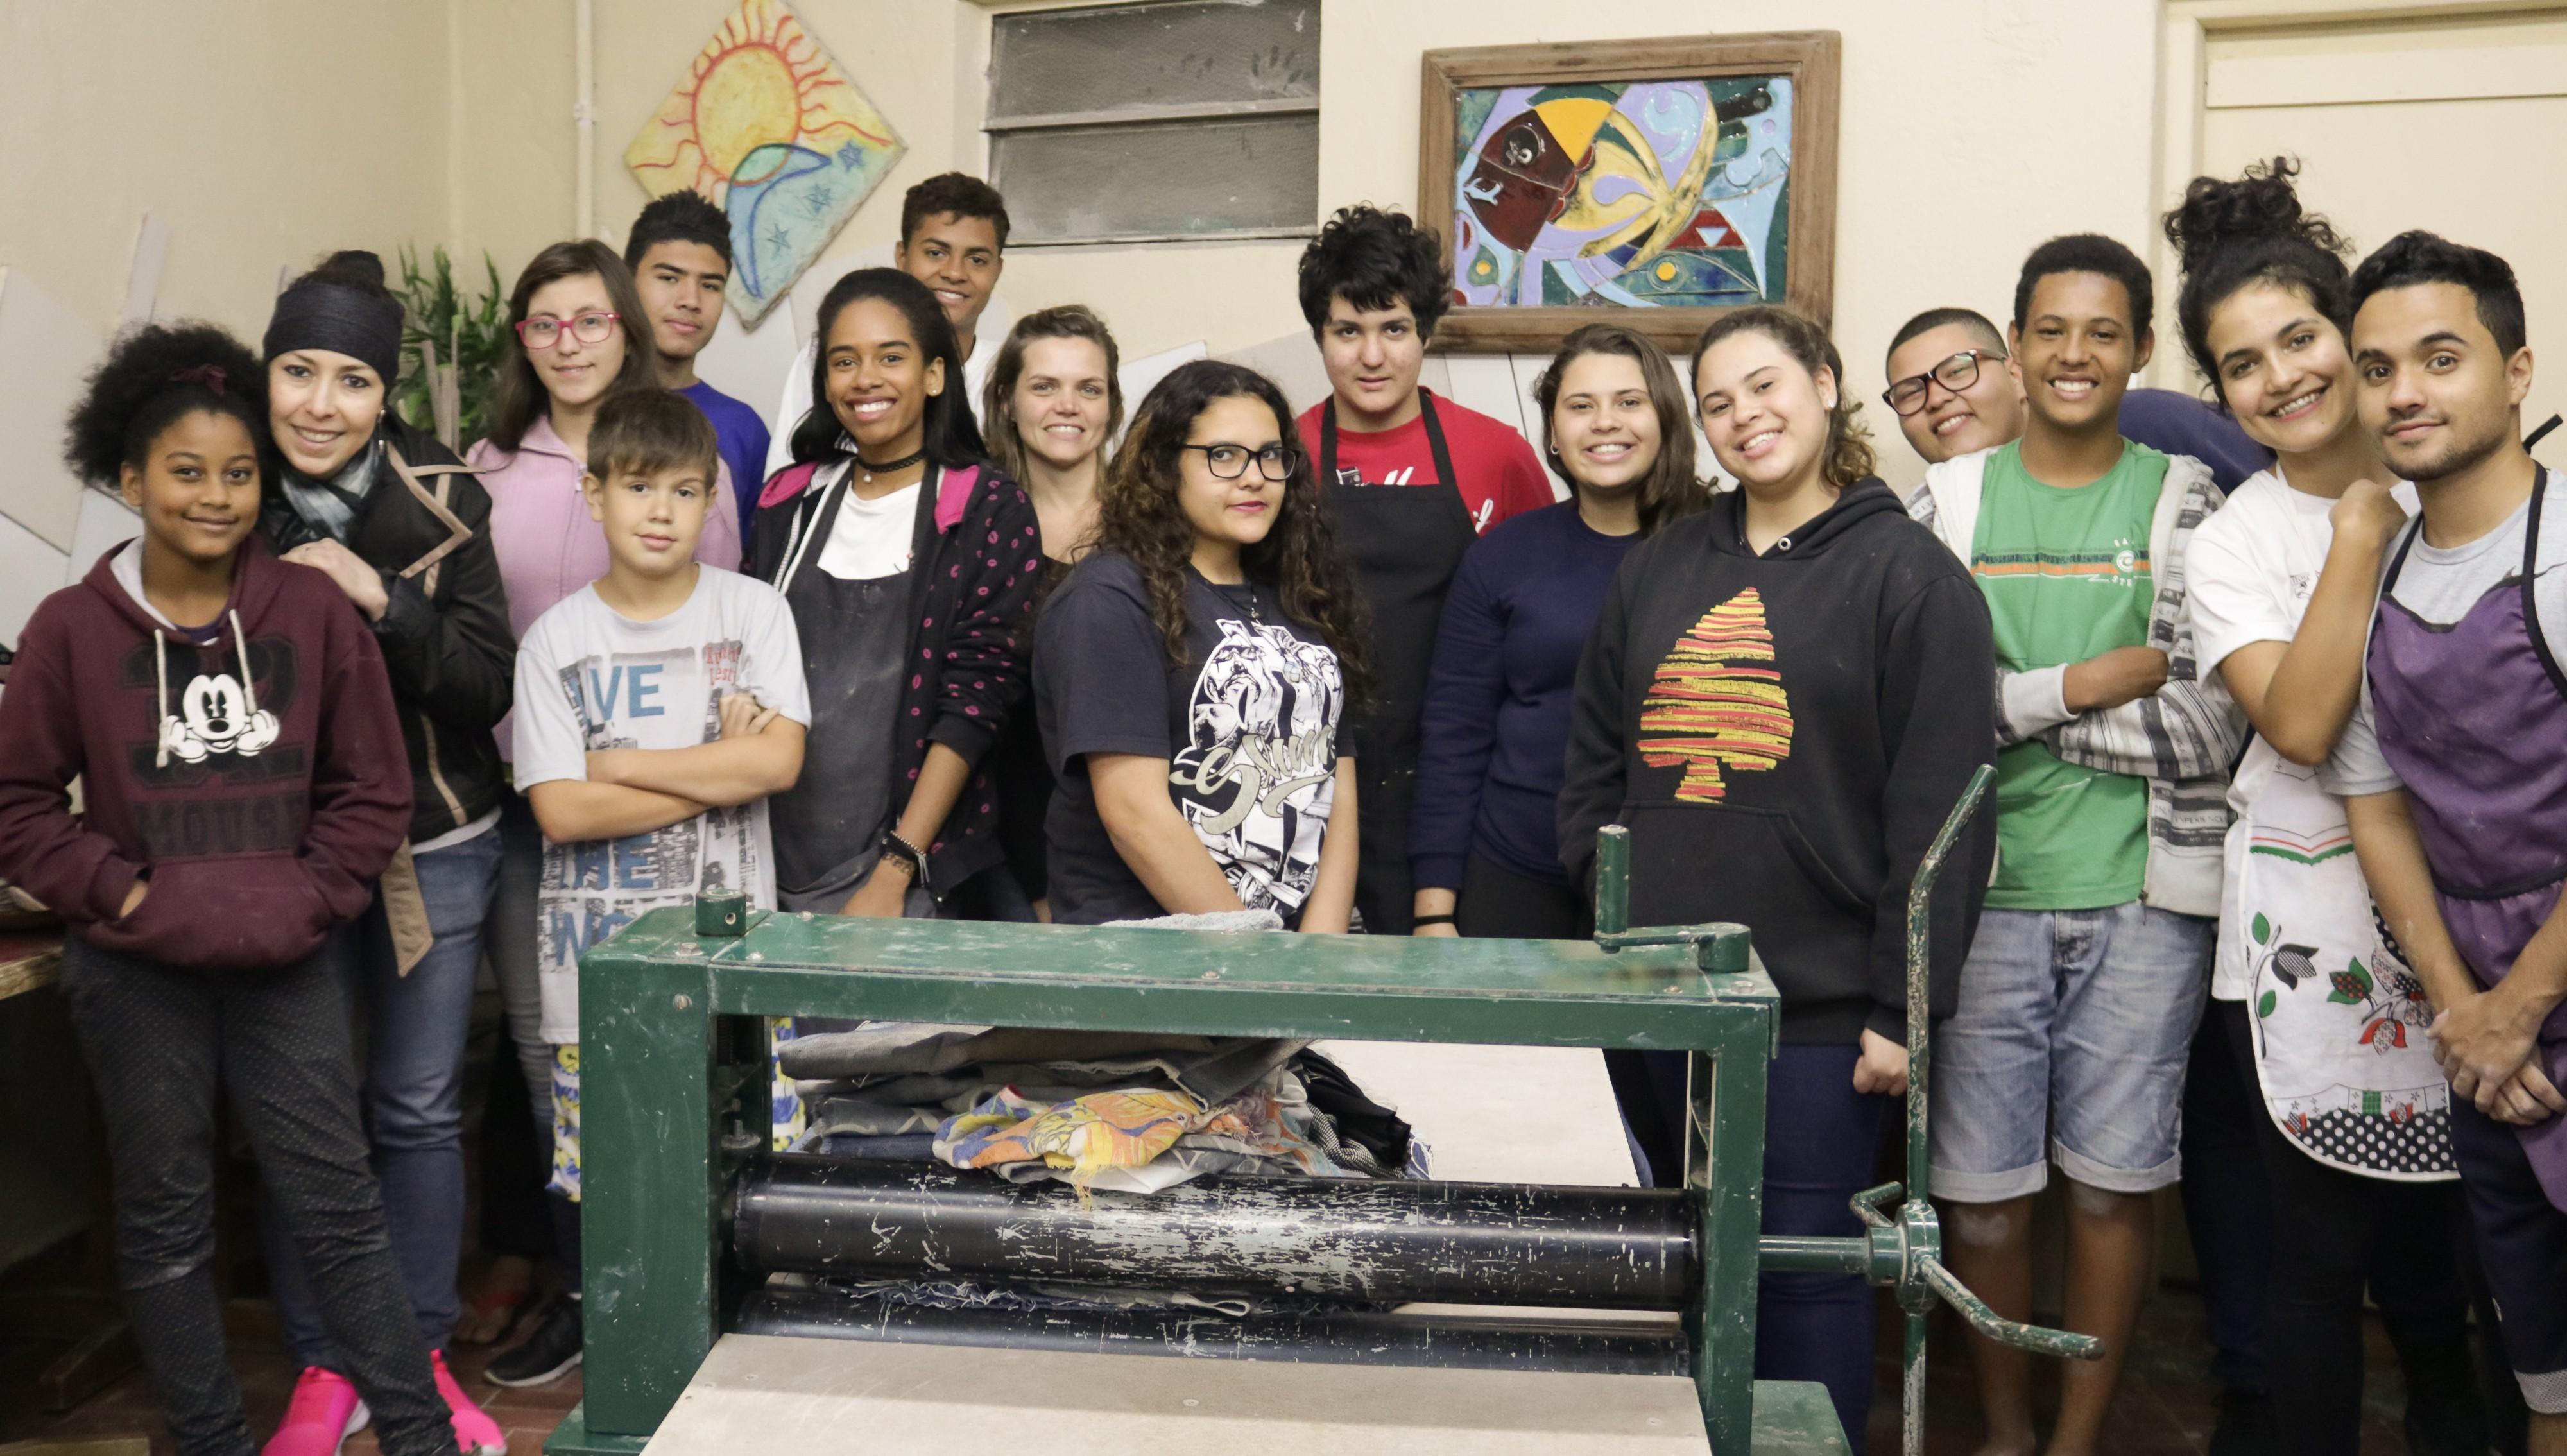 Projeto resgata jovens em situação de vulnerabilidade social através da cerâmica (Foto: Divulgação)